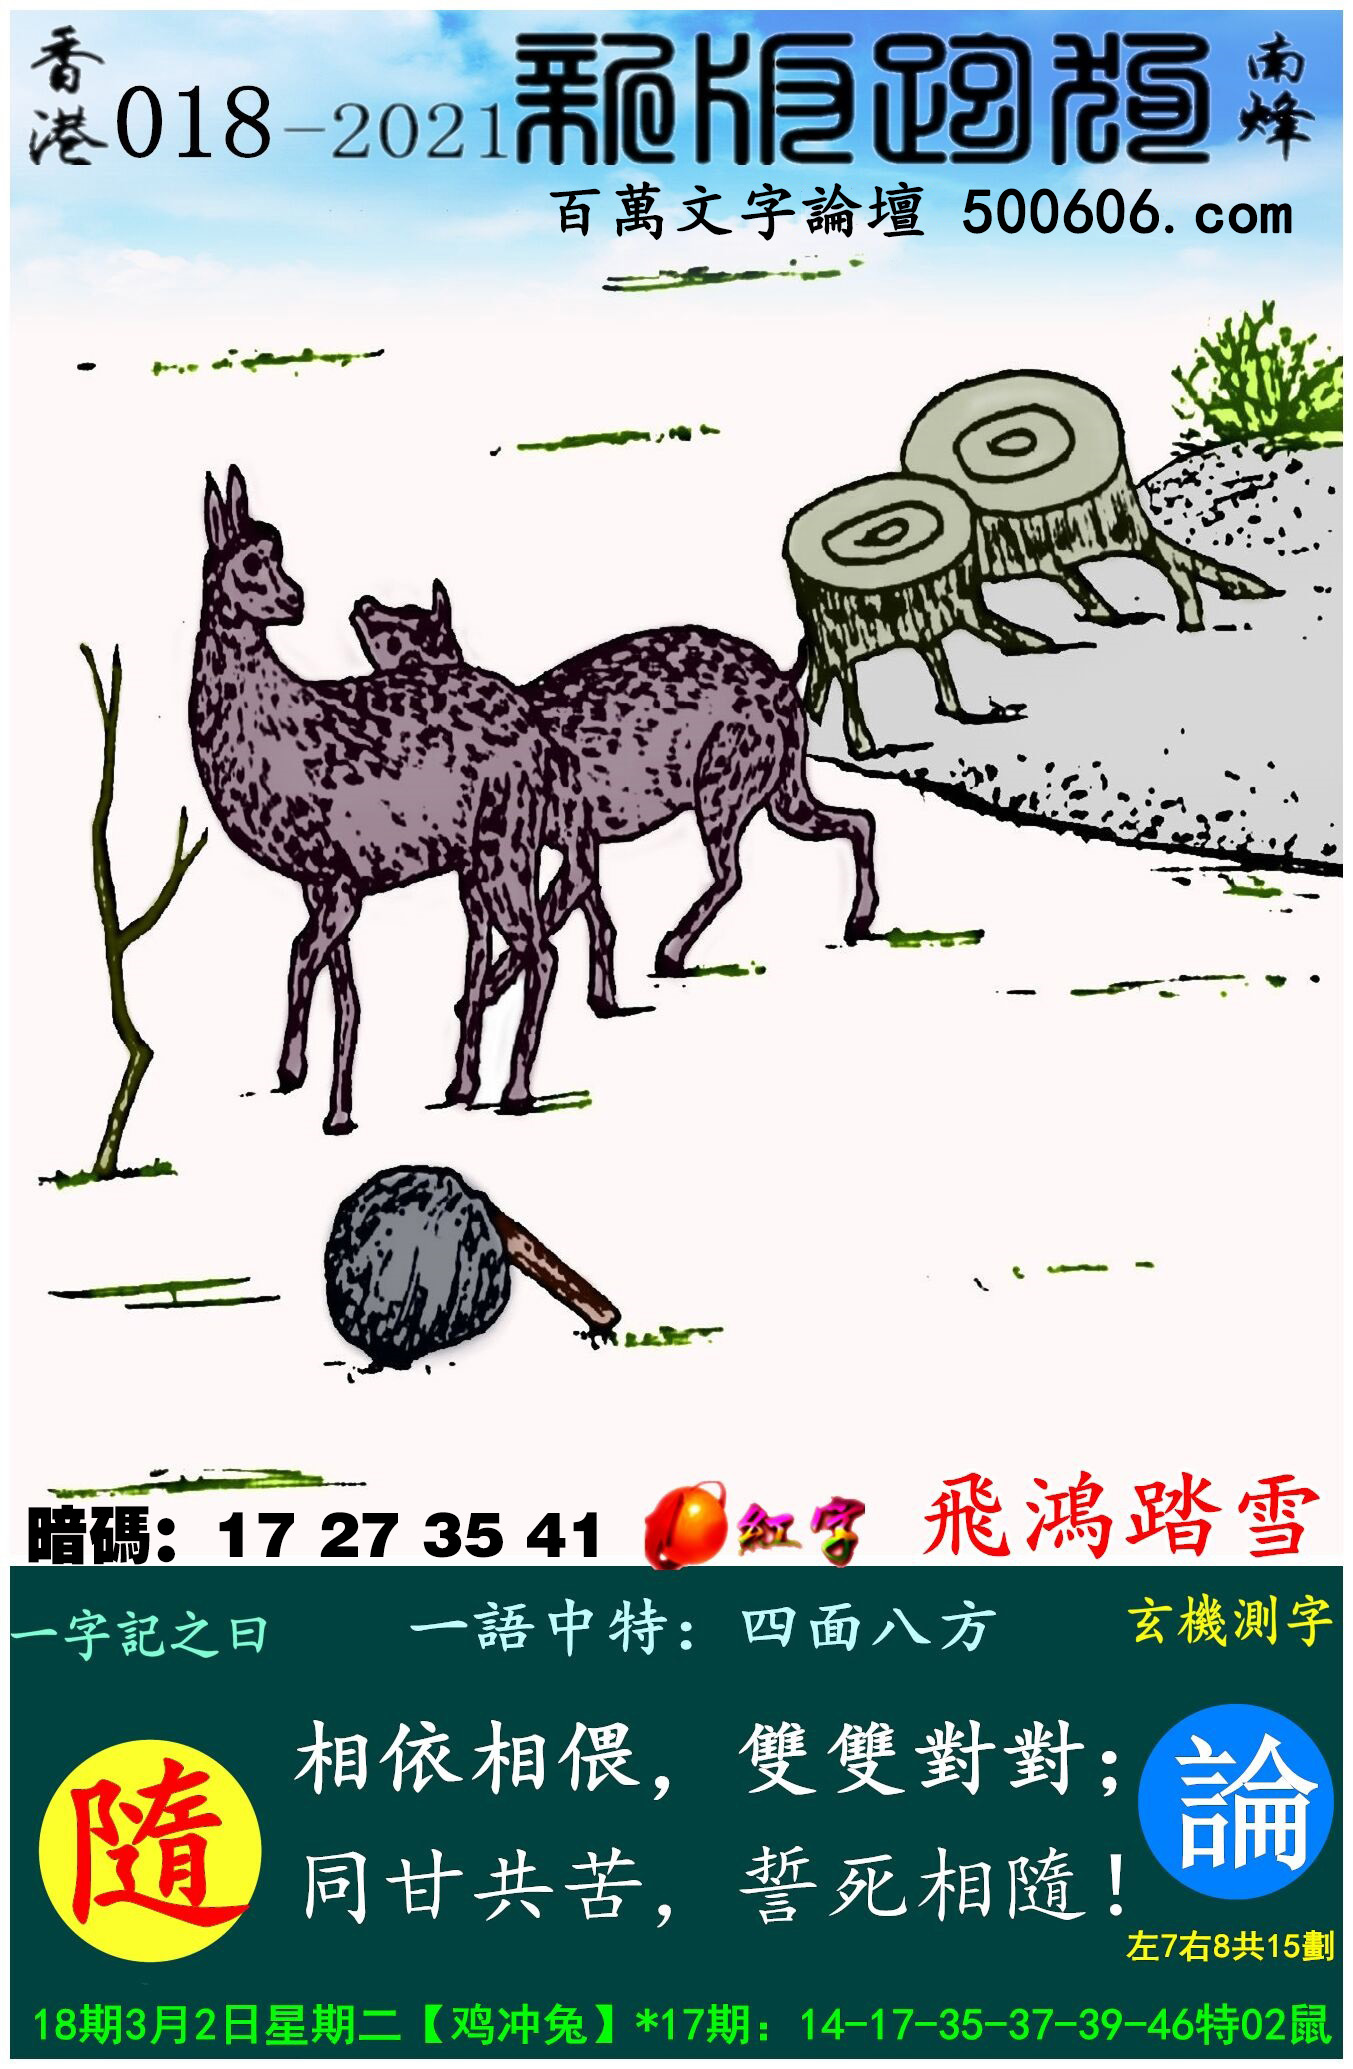 018期跑狗一字�之曰:【�S】 相依相偎,�p�p��Γ客�甘共苦,誓死相�S!